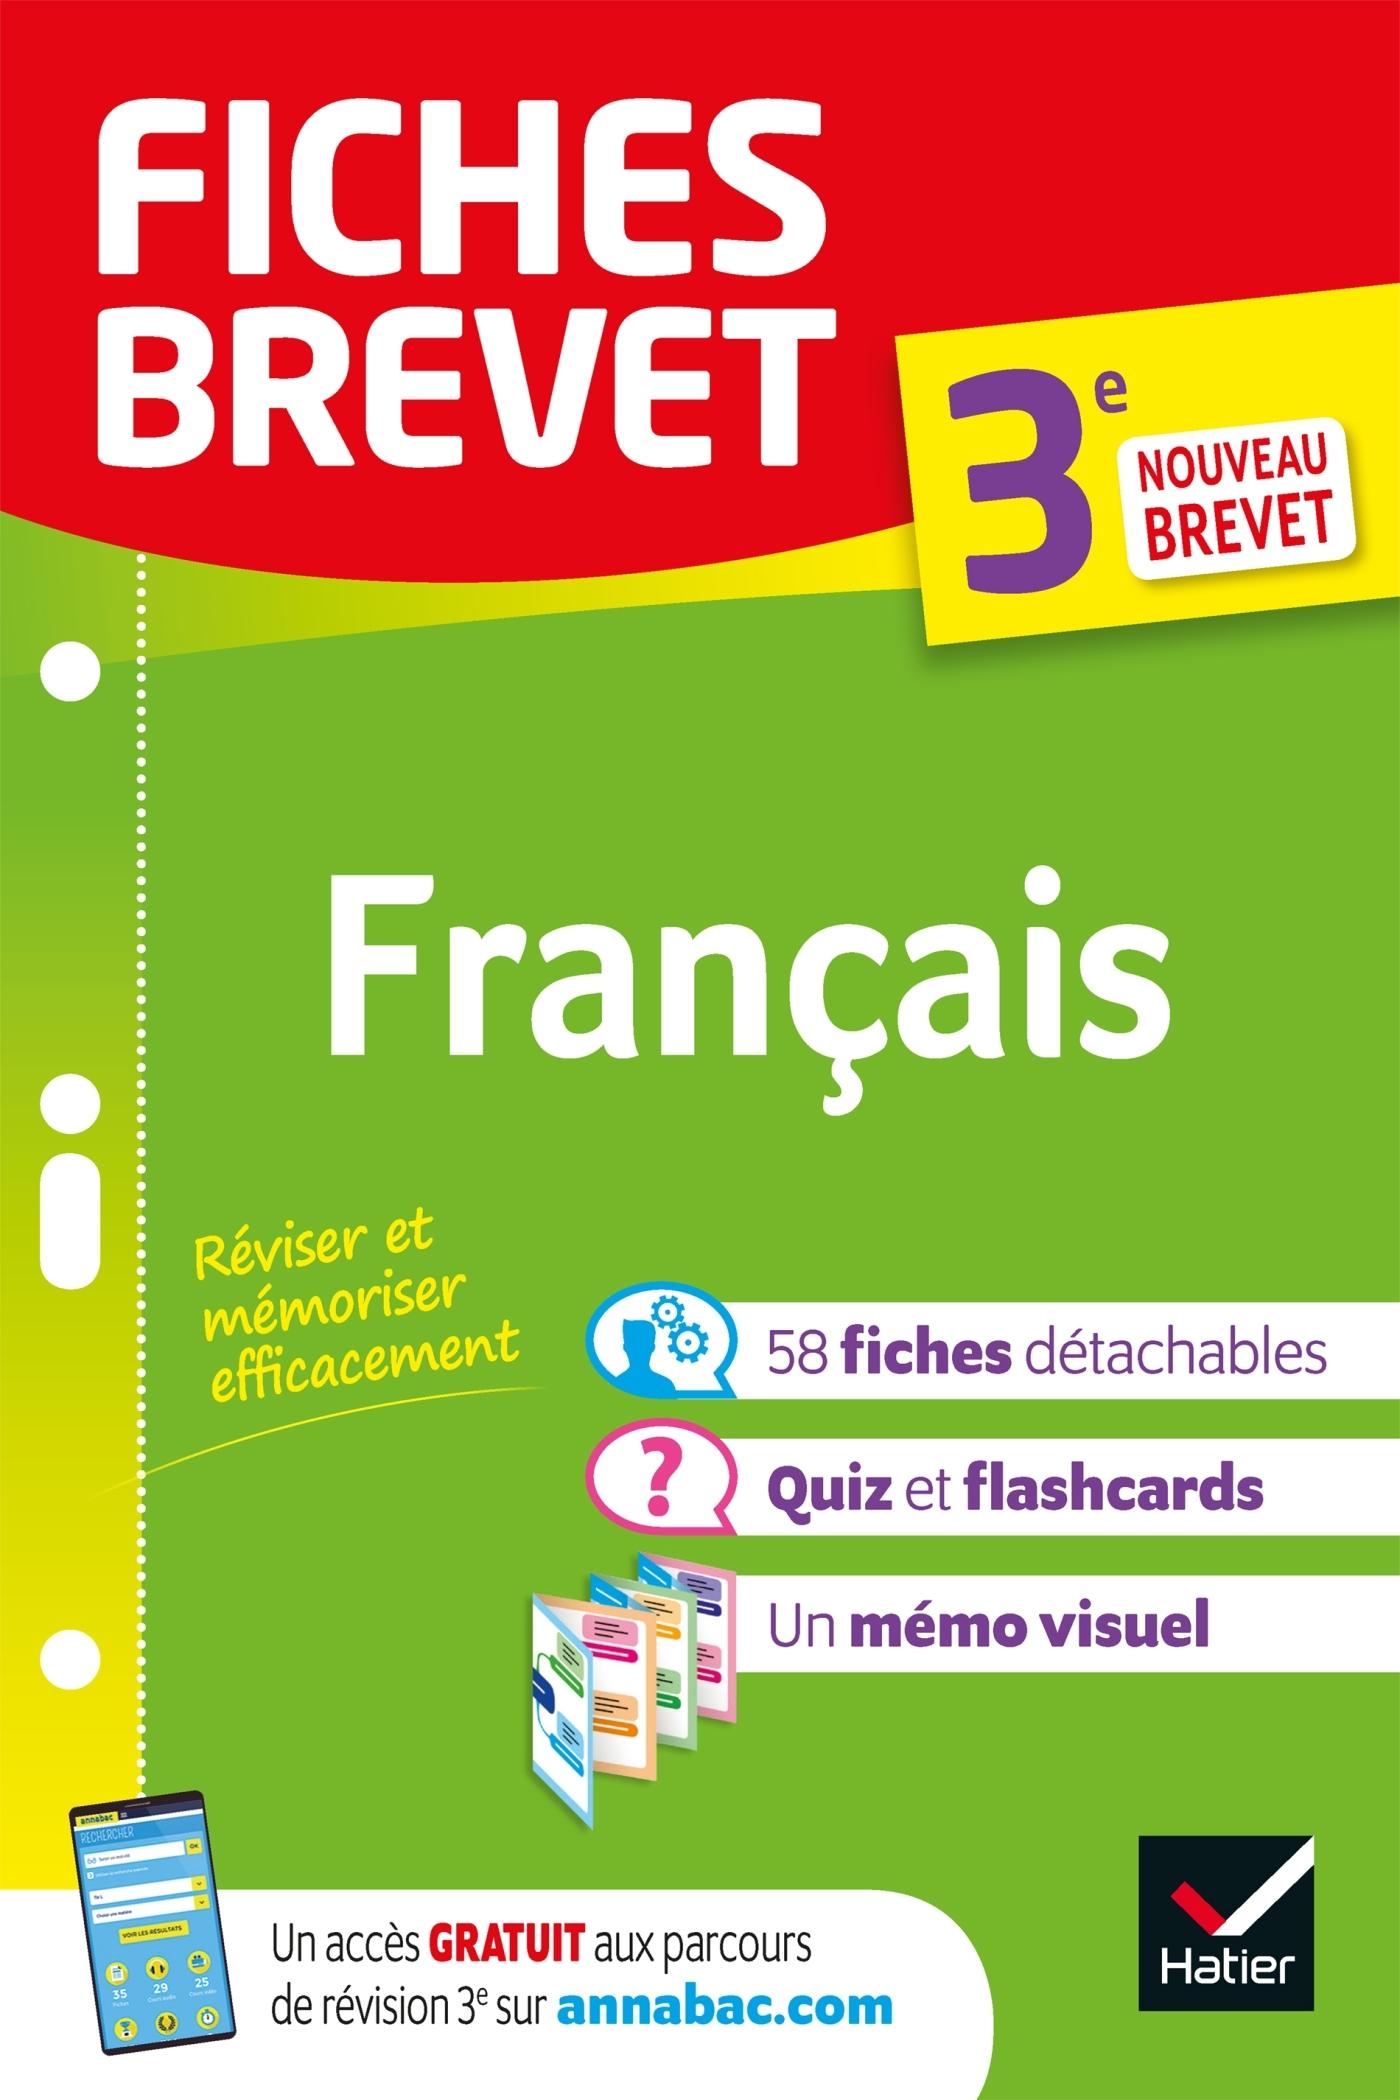 FICHES BREVET FRANCAIS 3E - FICHES DE REVISION POUR LE NOUVEAU BREVET